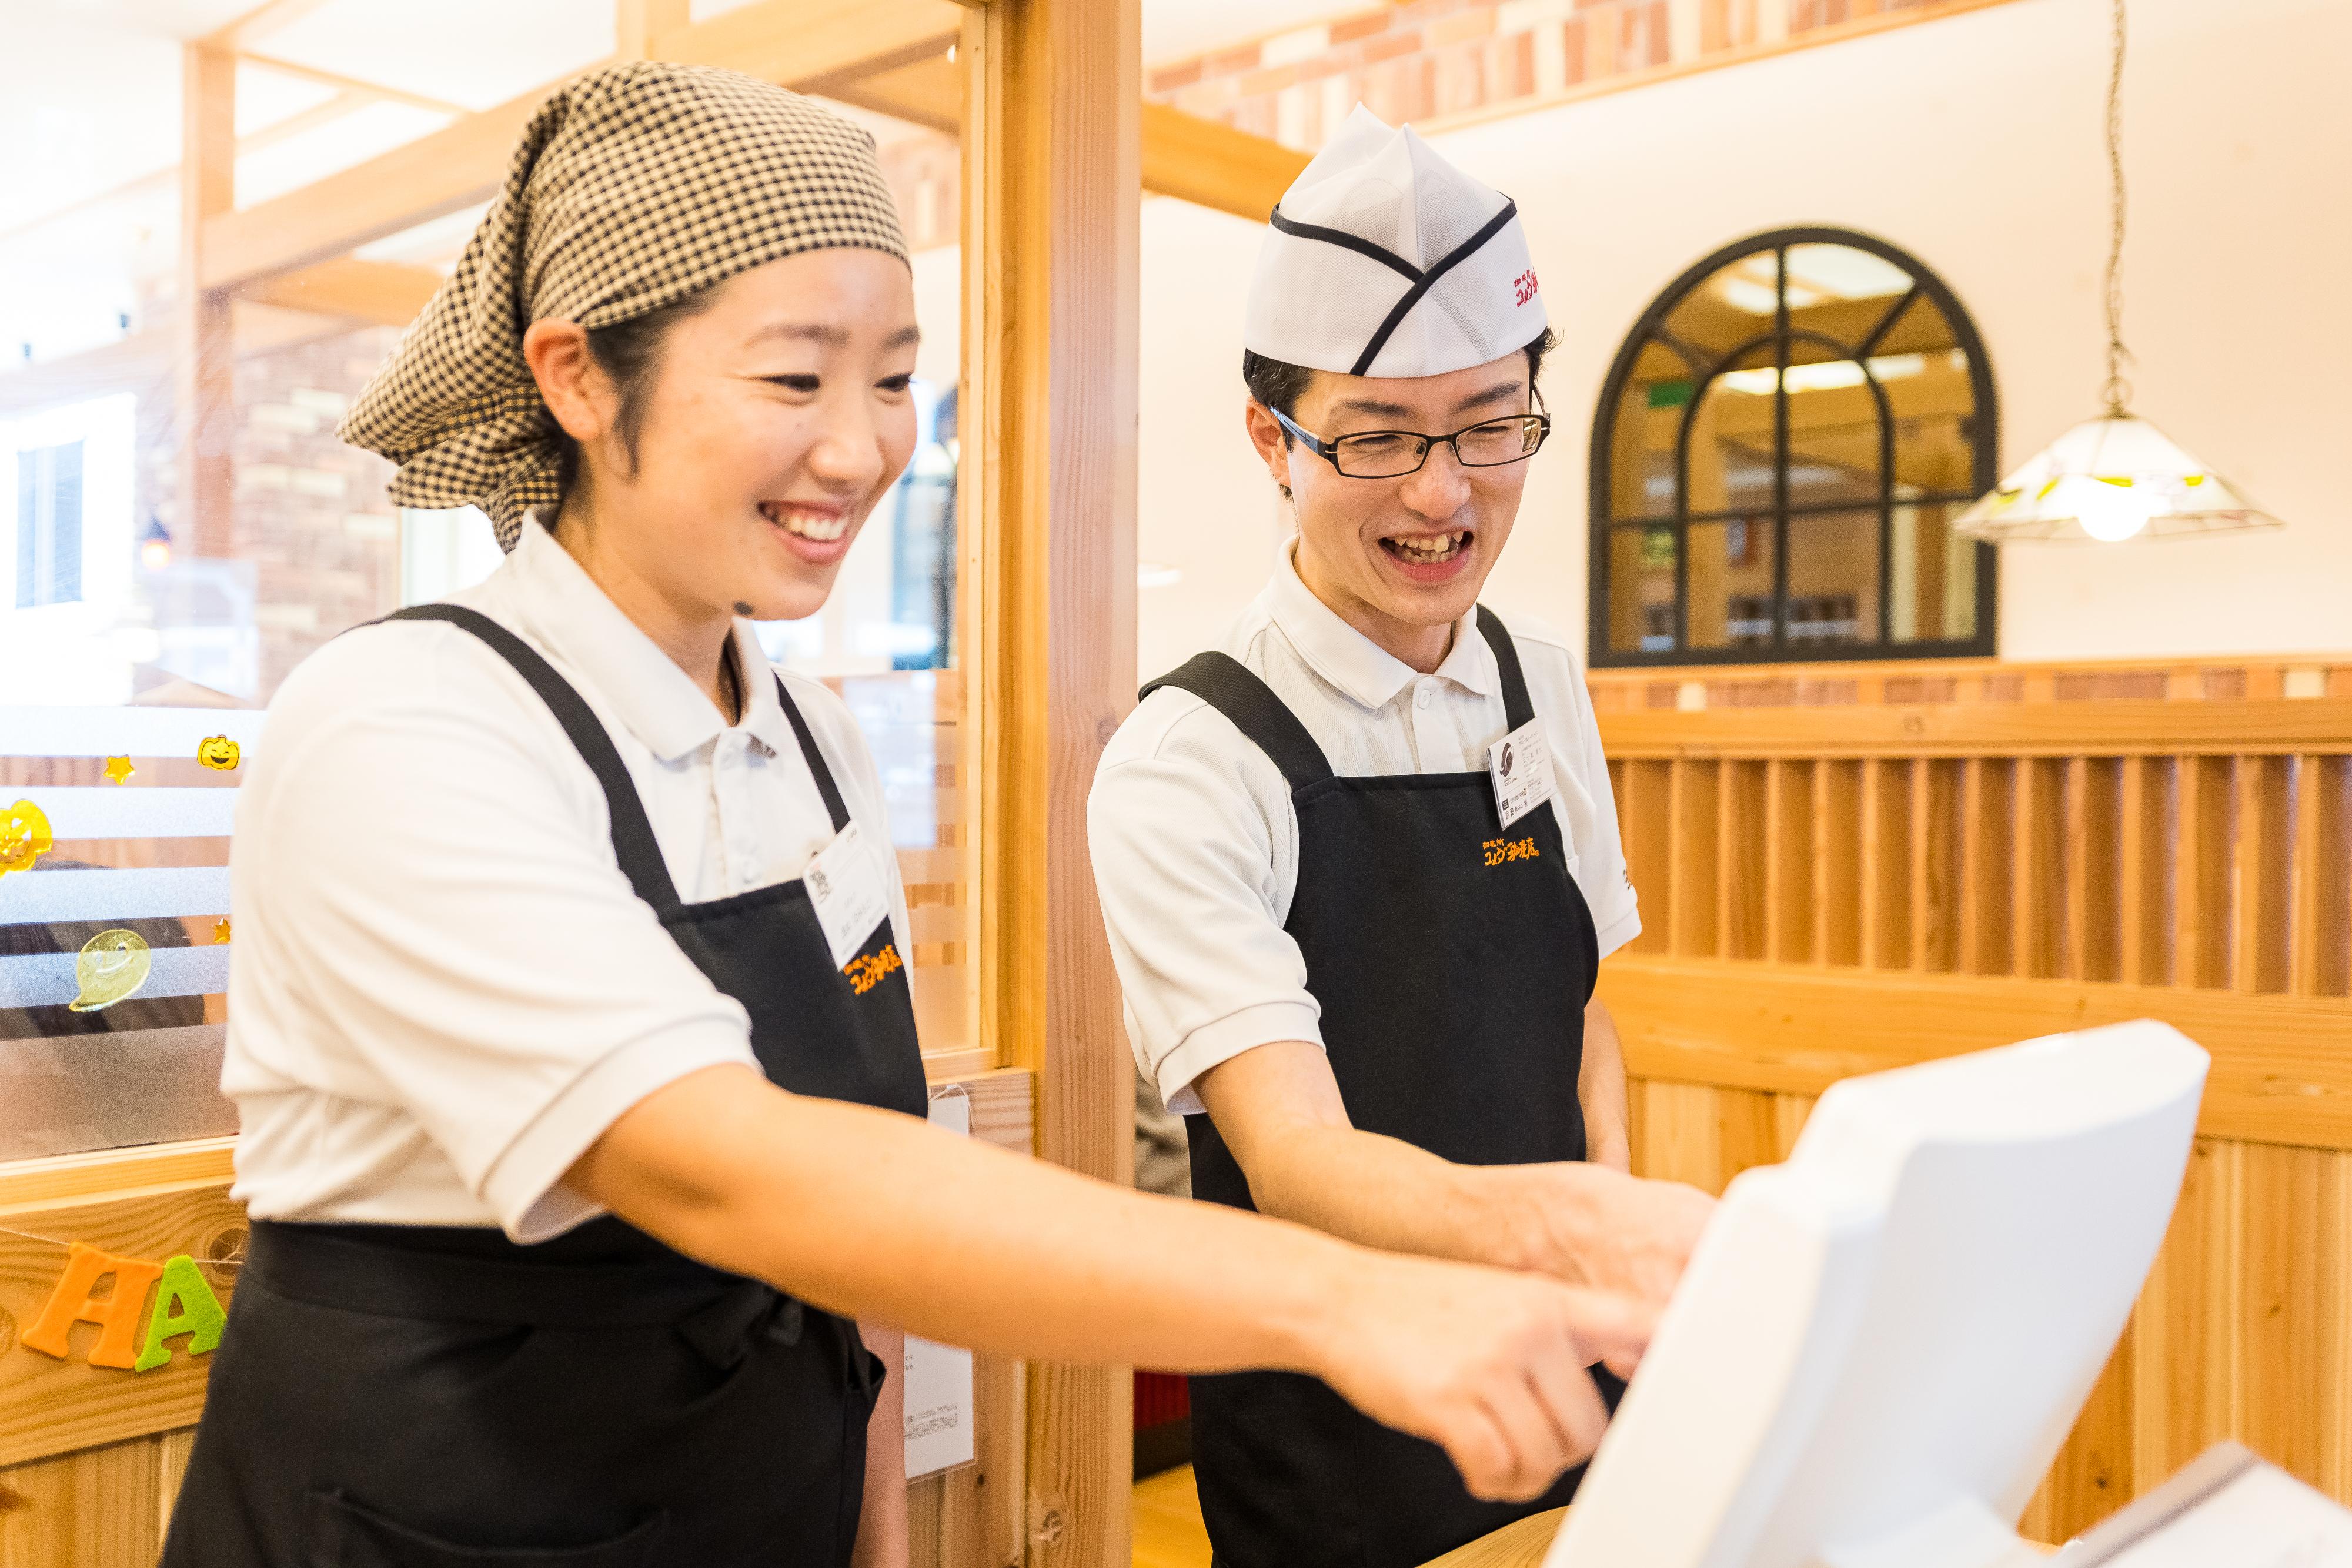 【関東転勤あり】安定成長企業で関東進出のオープニング立ち上げコメダ珈琲